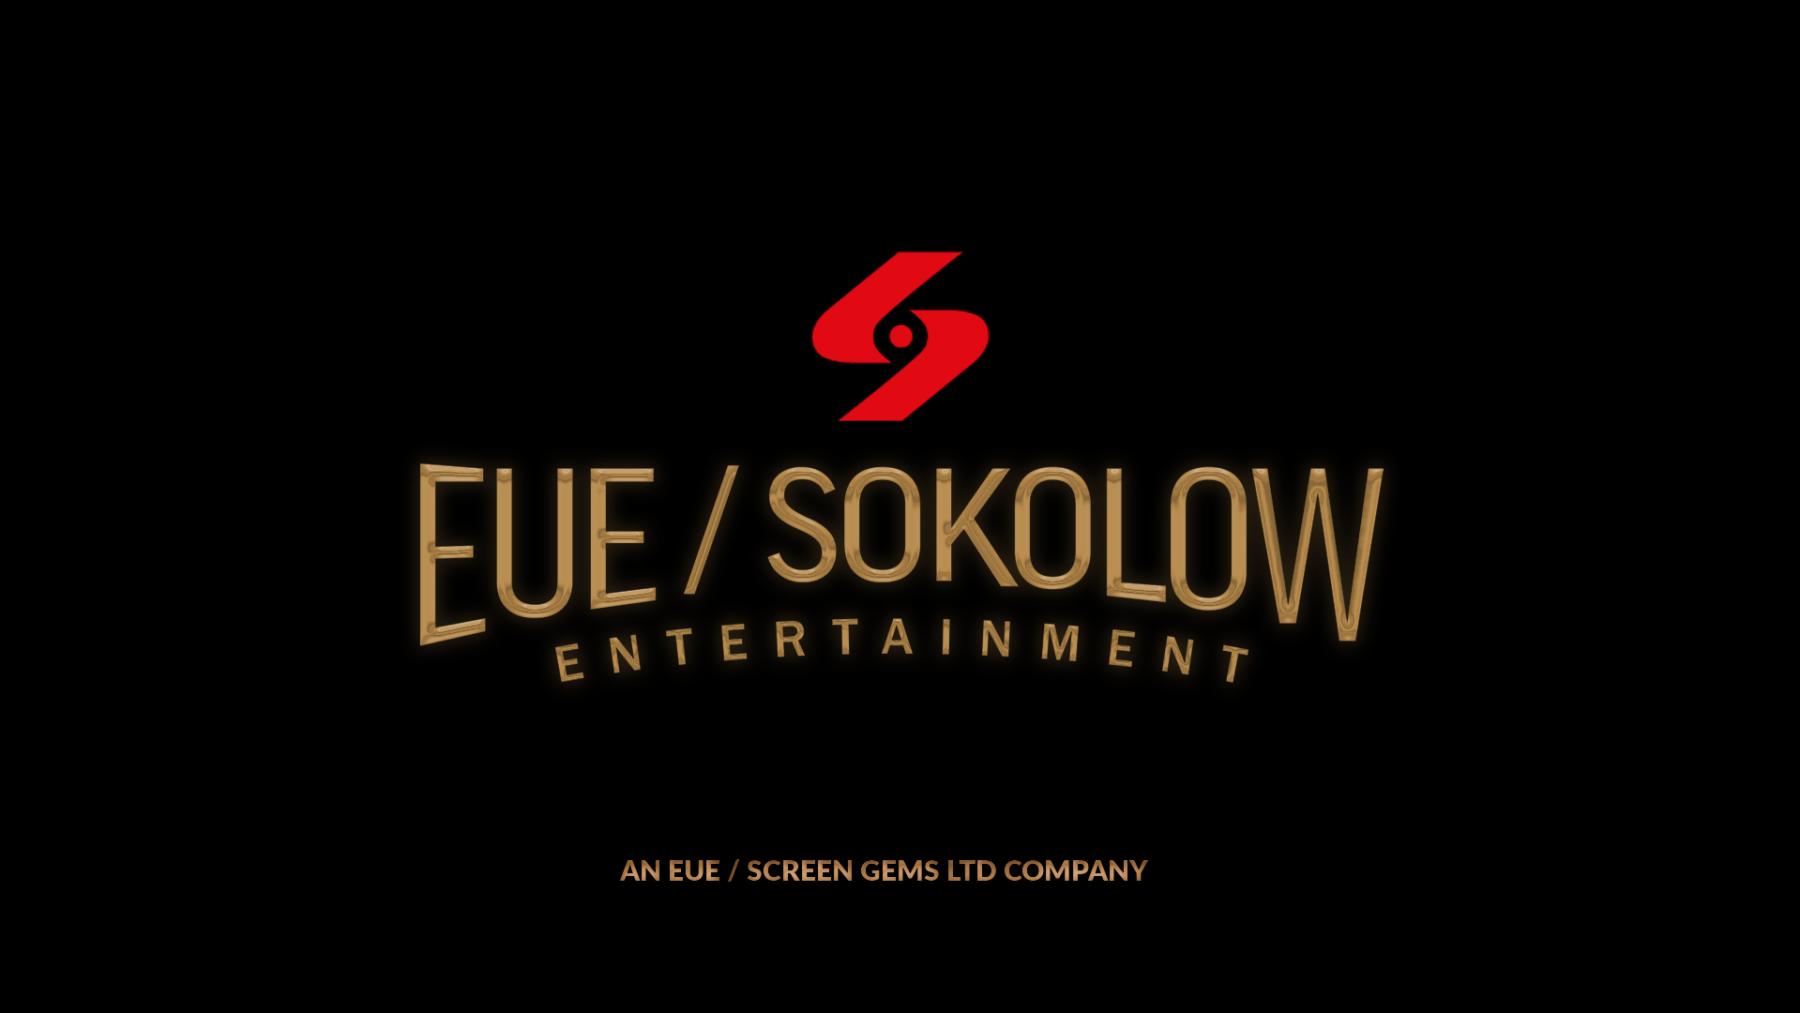 EUE/Sokolow